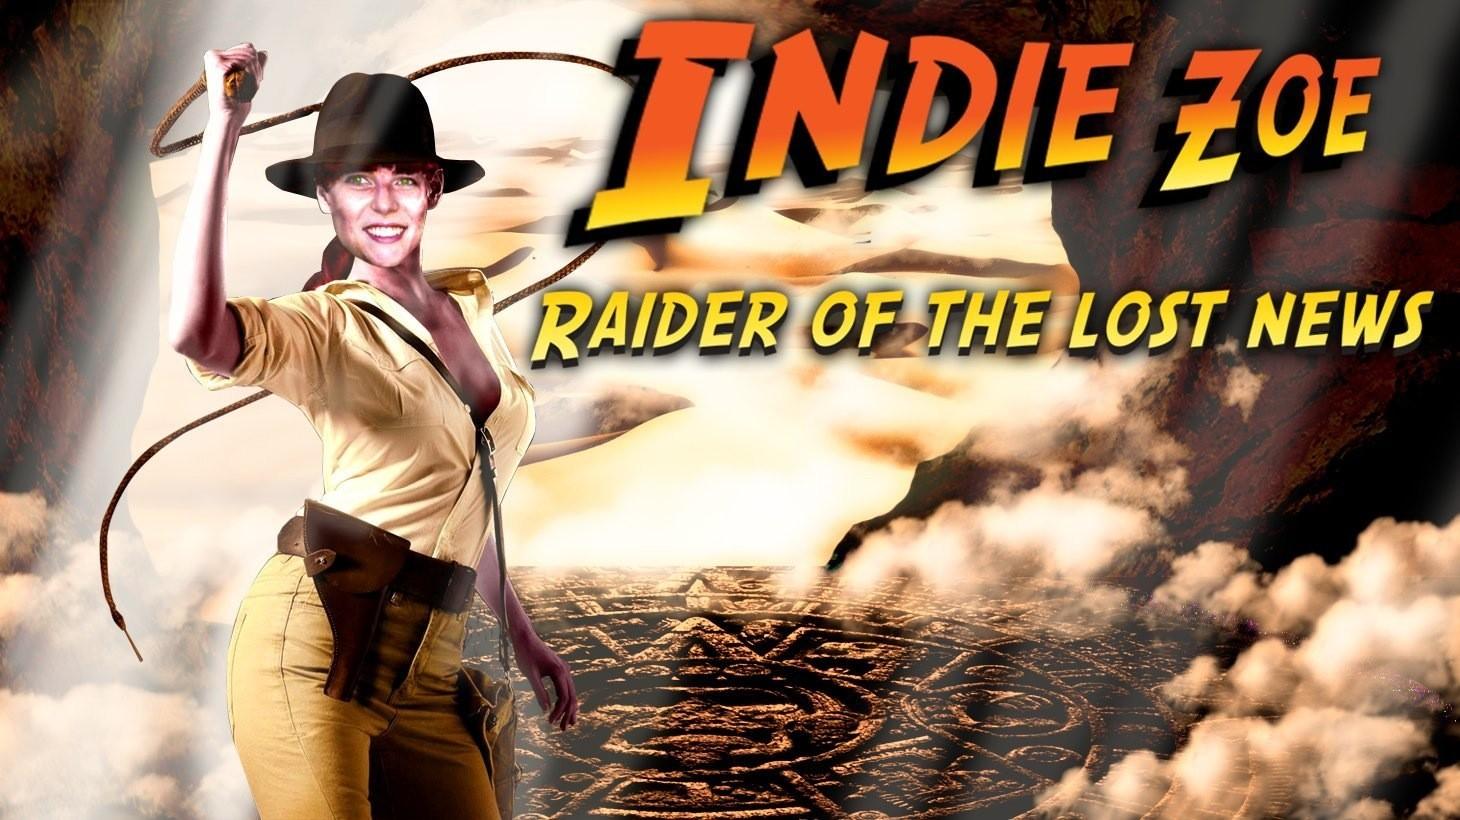 wpid-indie-zoe-raider-of-lost-news.jpg